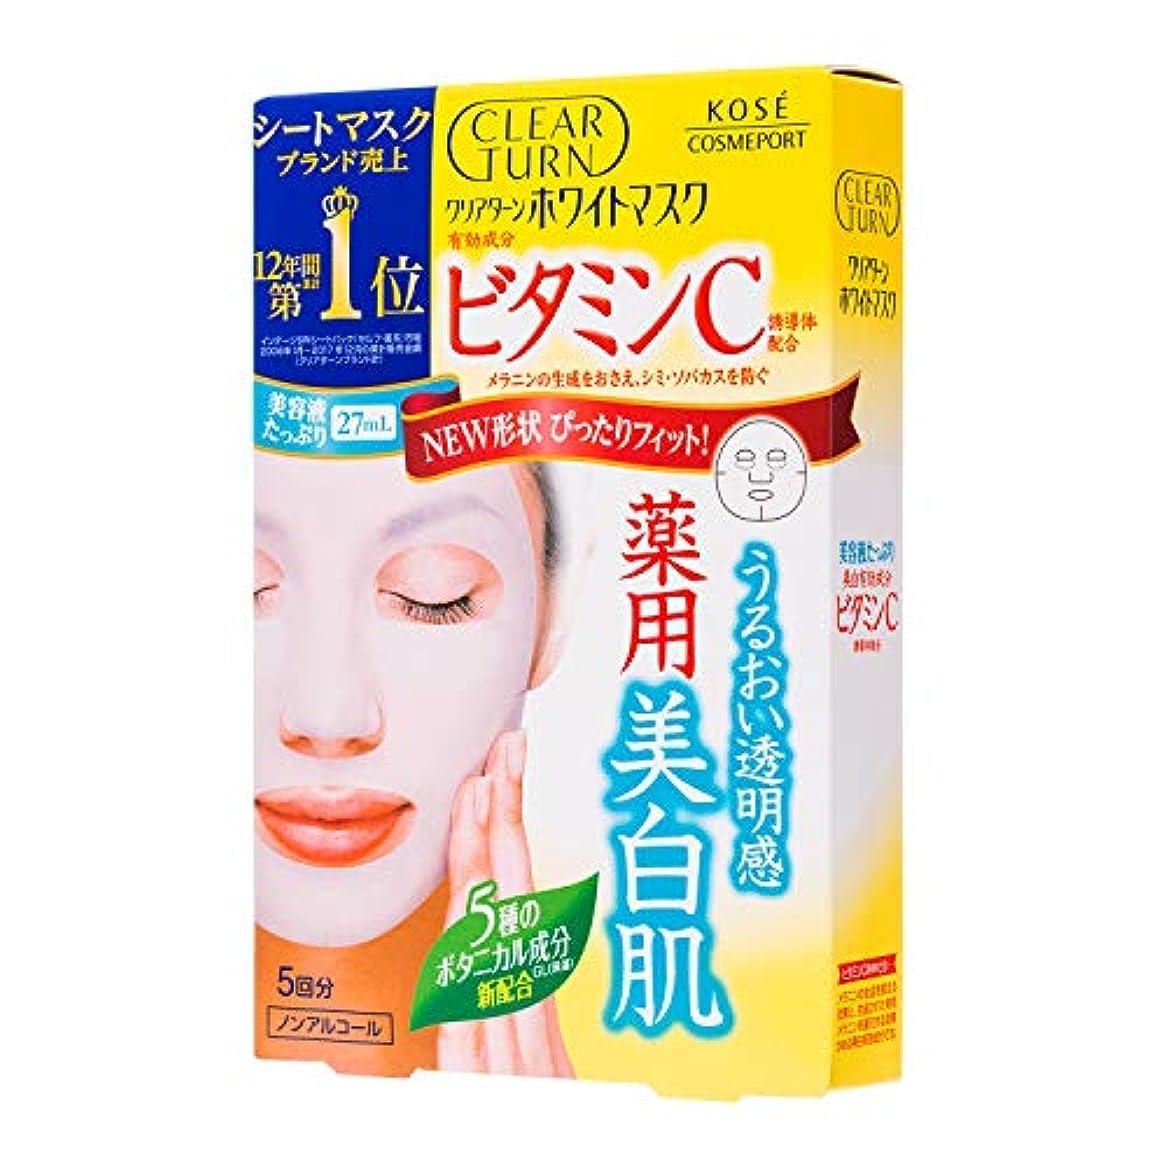 王女と組むラブKOSE コーセー クリアターン ホワイト マスク VC (ビタミンC) 5枚 フェイスマスク